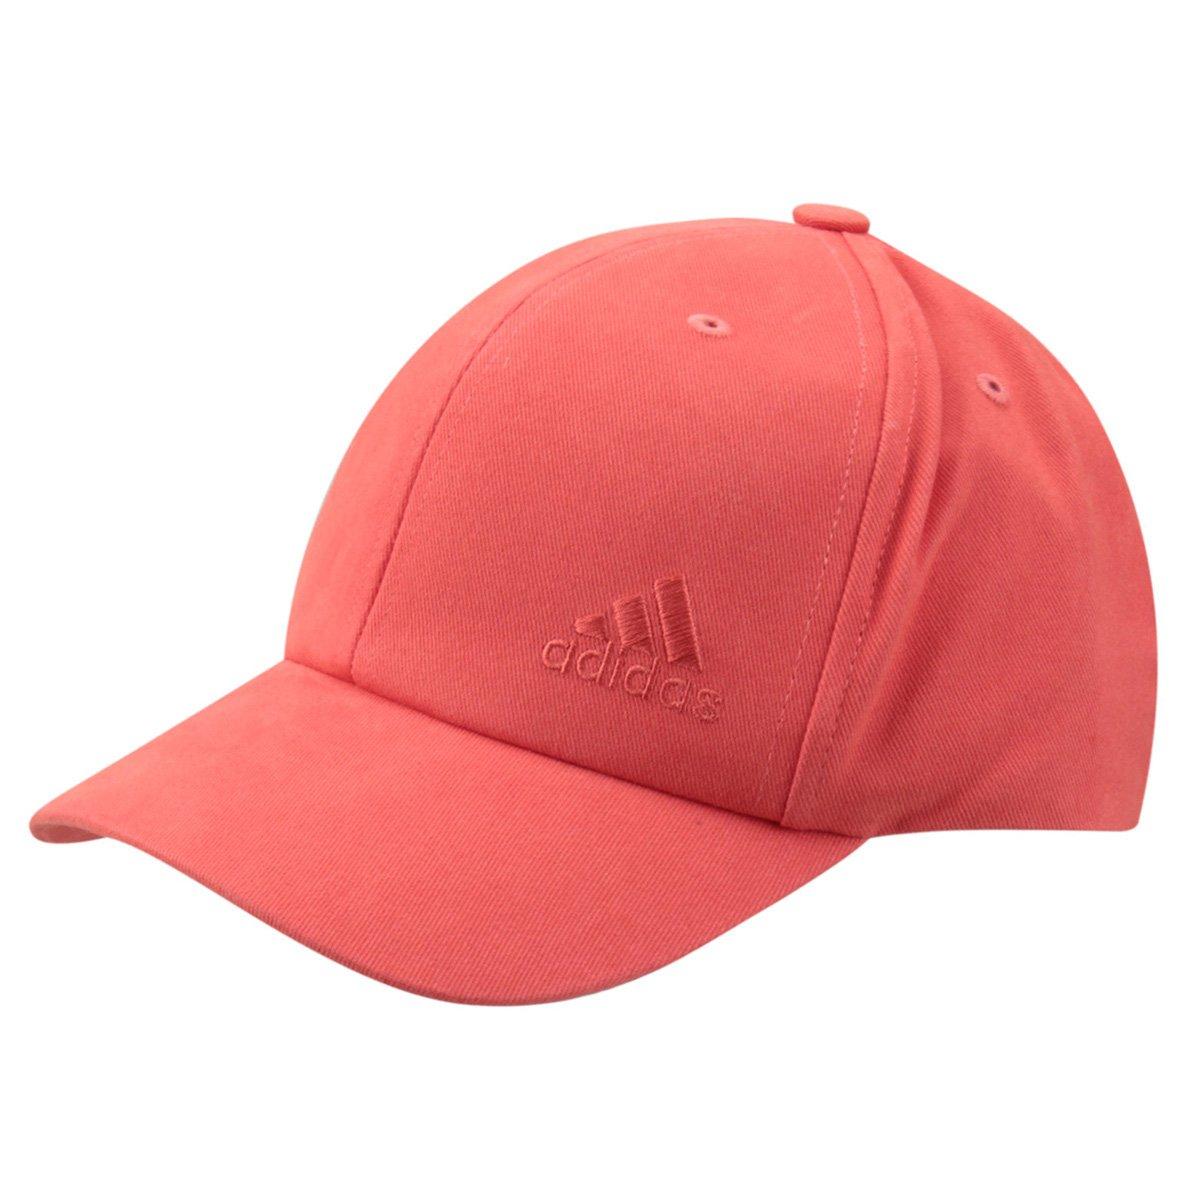 Boné Adidas Aba Curva 6P Feminino - Vermelho - Compre Agora  44fde6b23cf